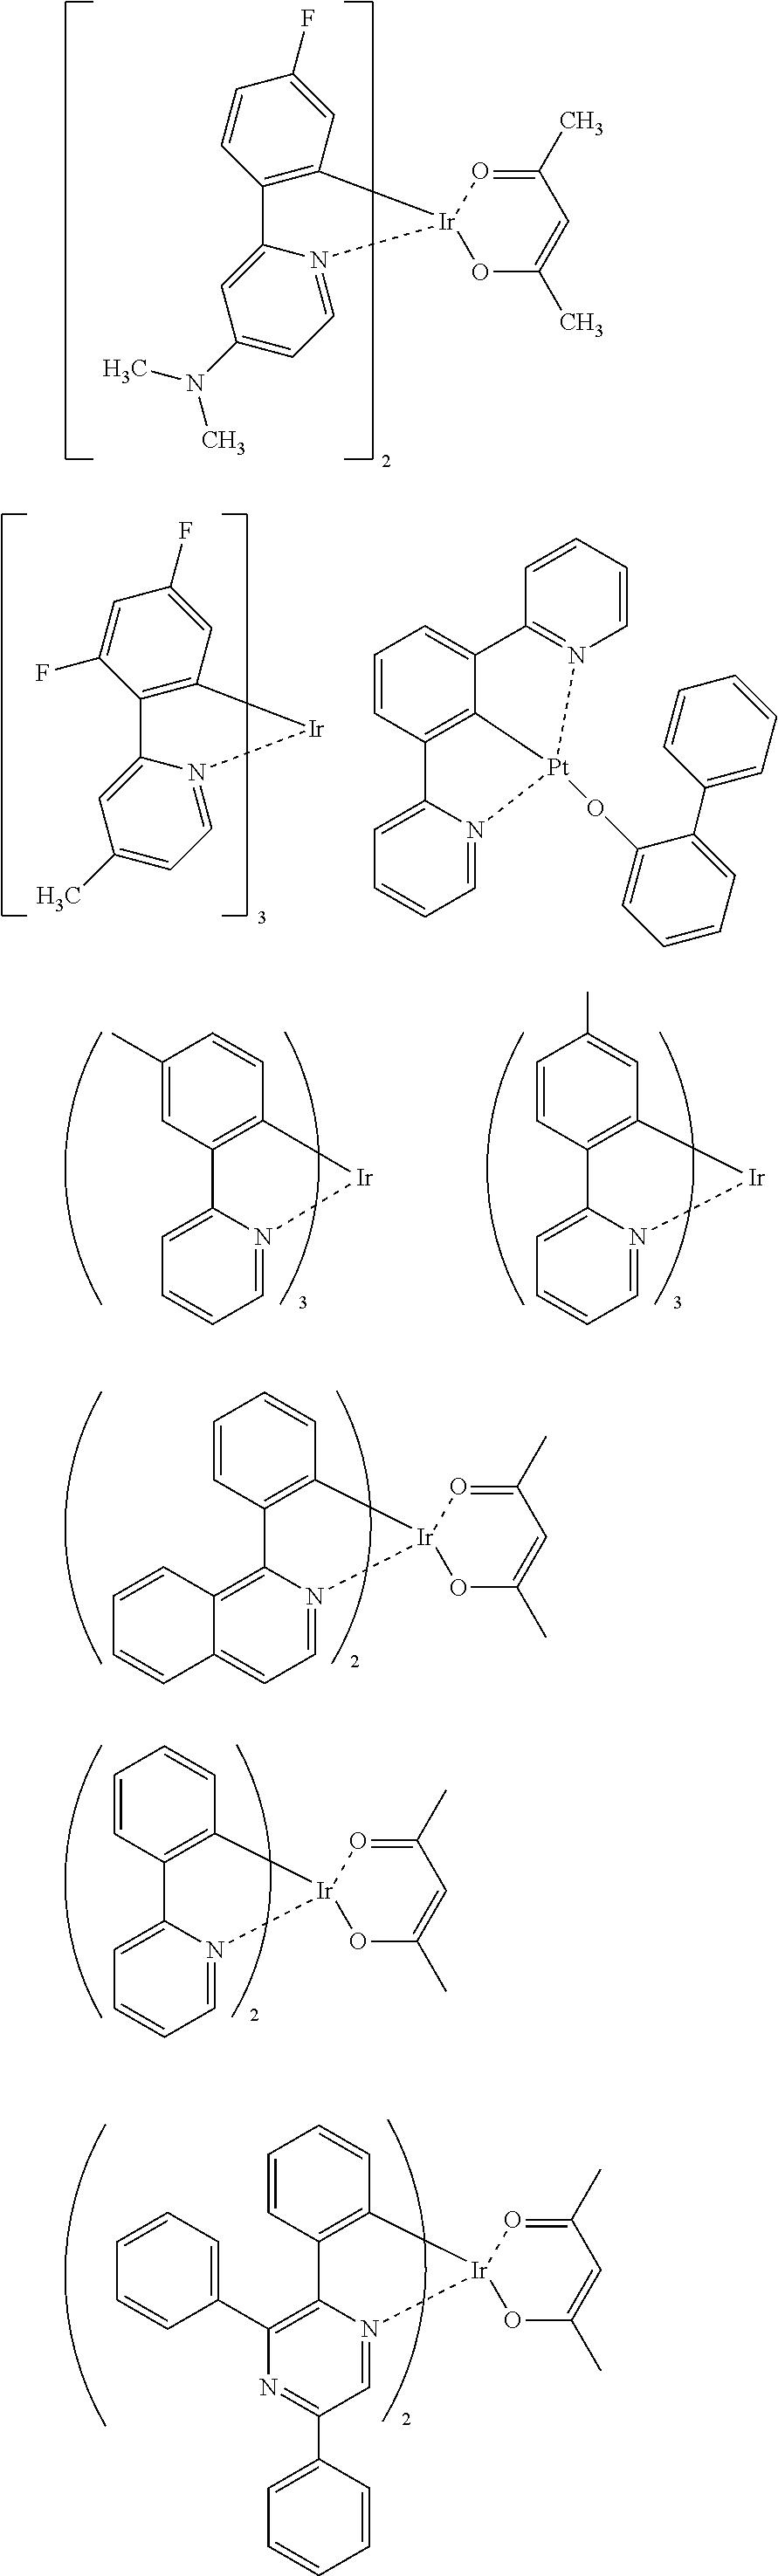 Figure US08568903-20131029-C00039